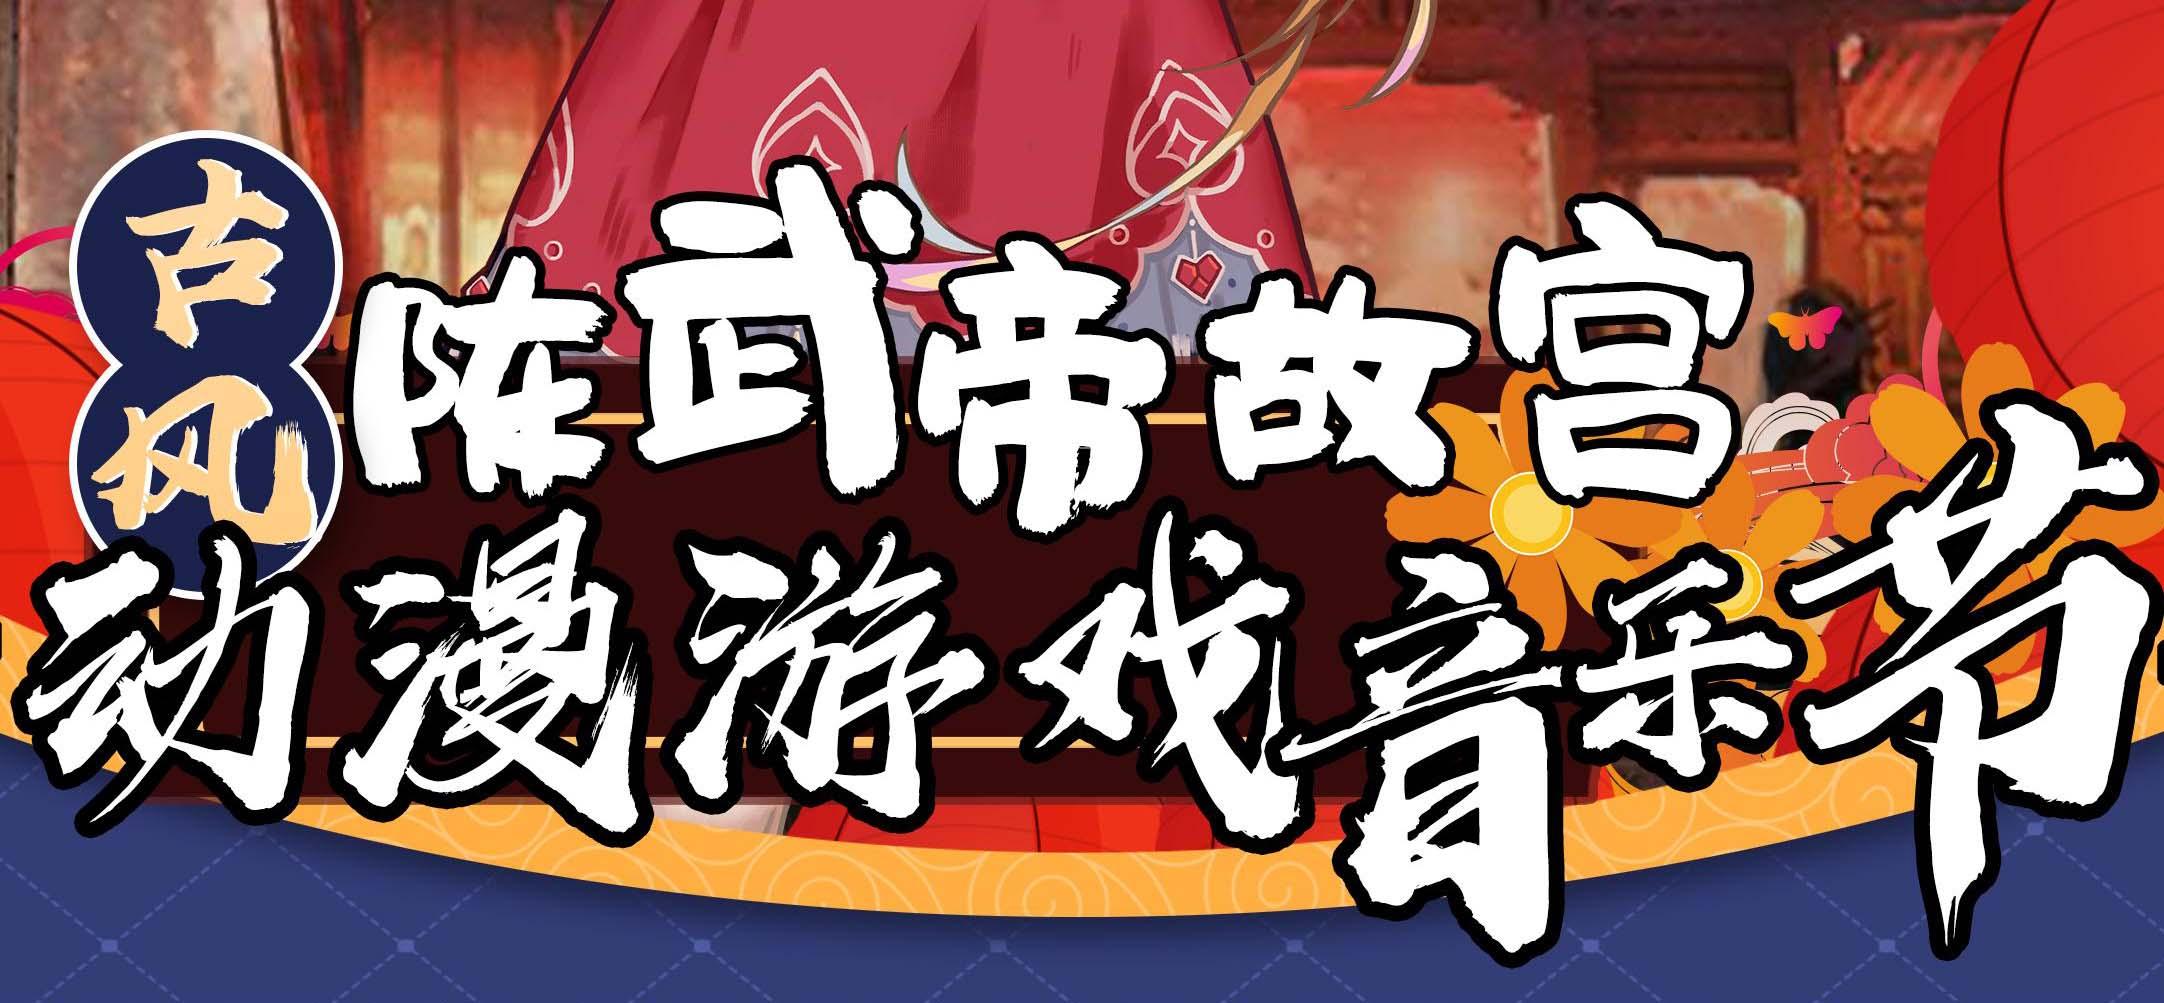 陈武帝故宫古风动漫游戏文化节即将到来